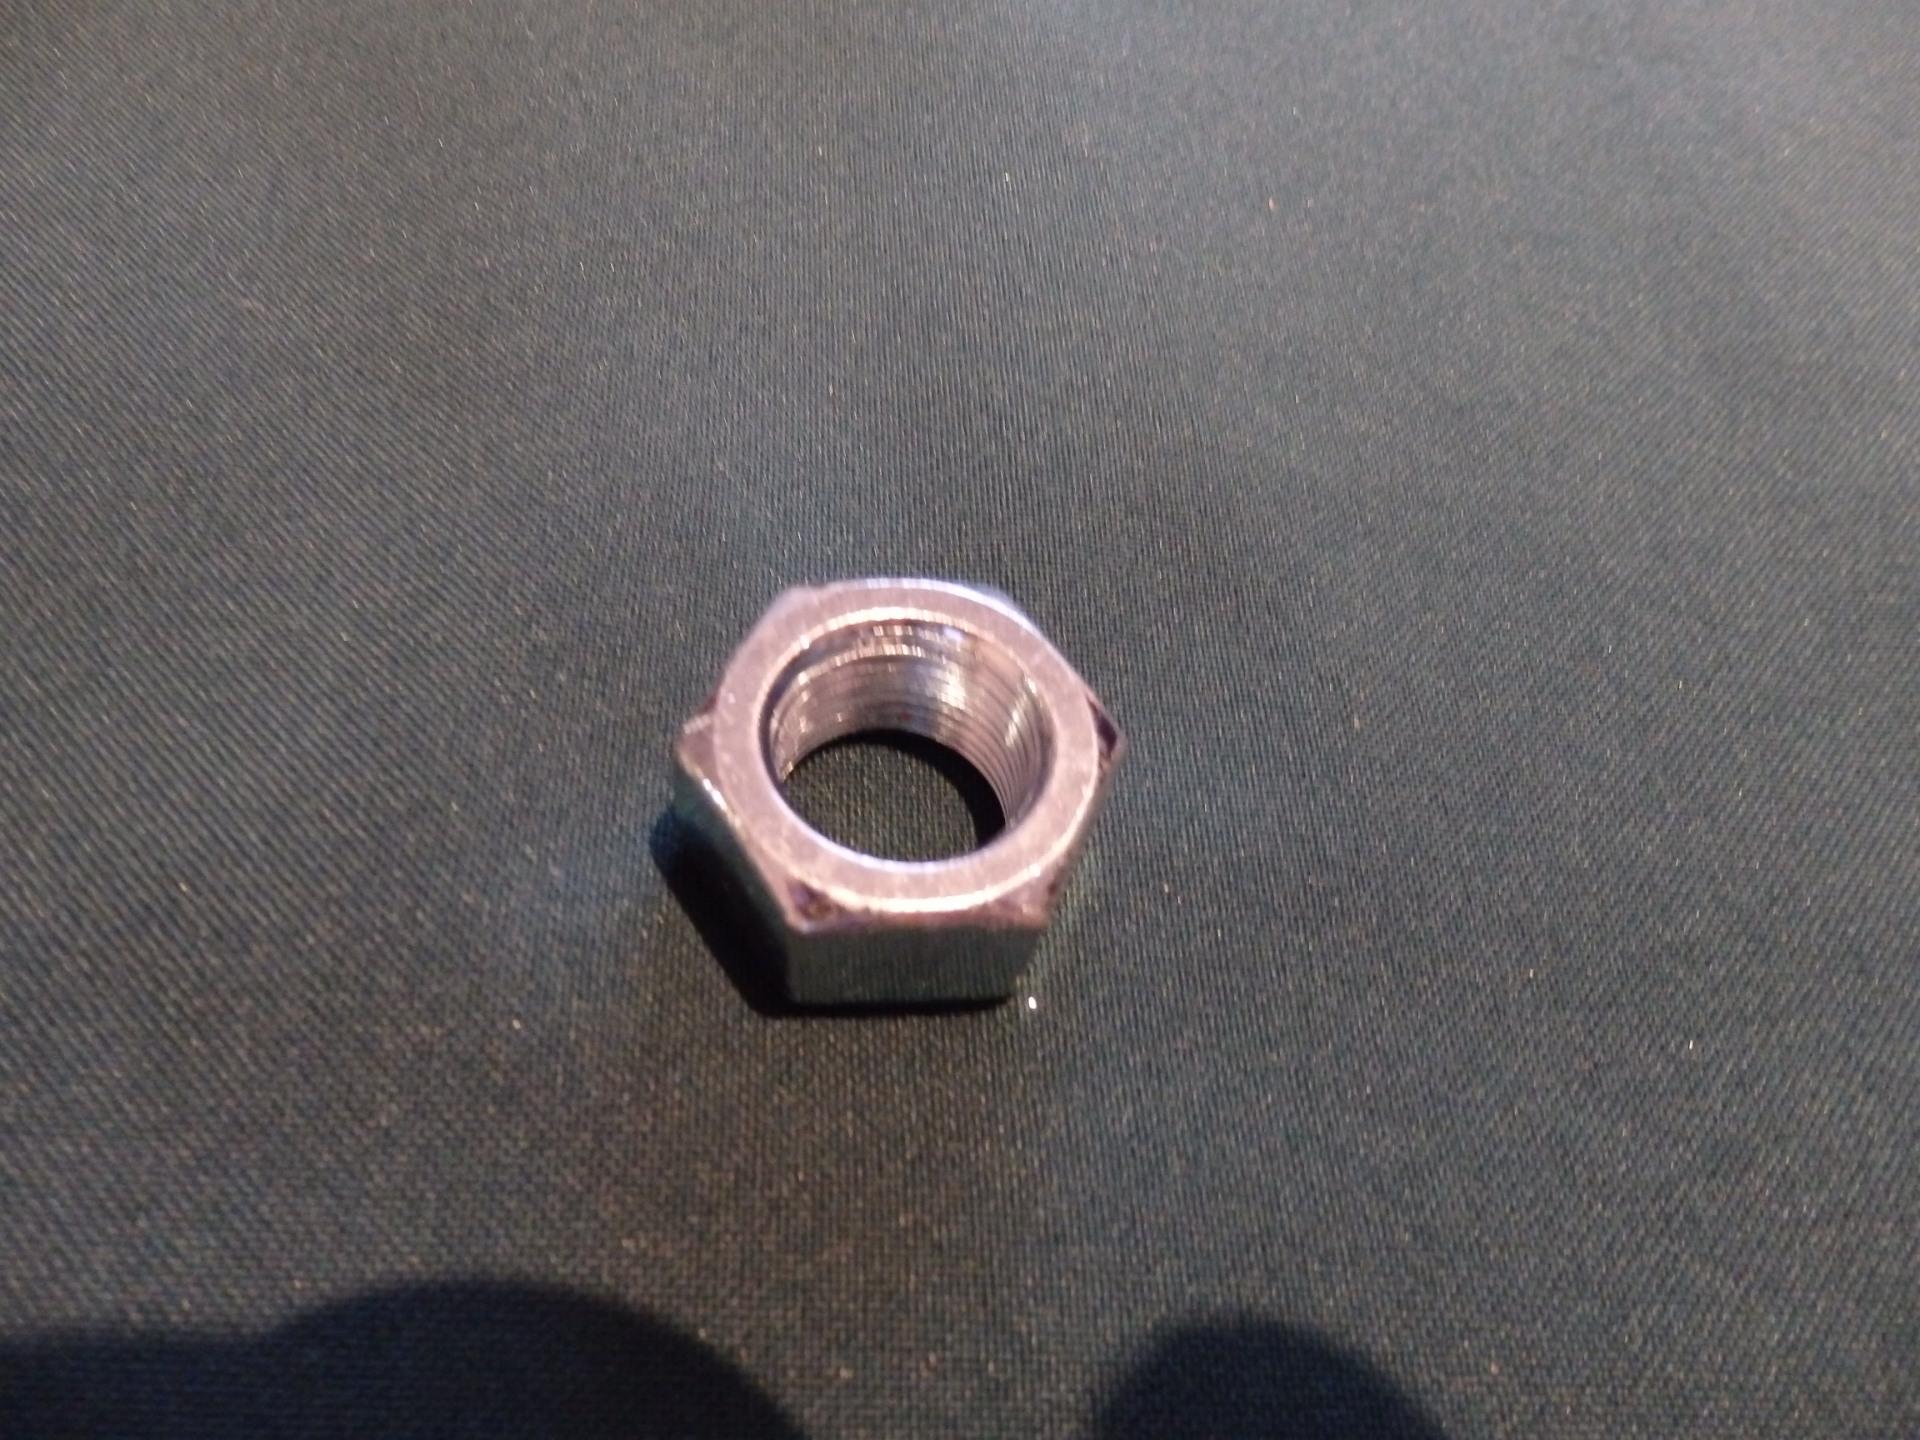 PIAGGIO UNIVERZÁLIS Keréktengely anya hátso (16x1.25mm) - 490 Ft